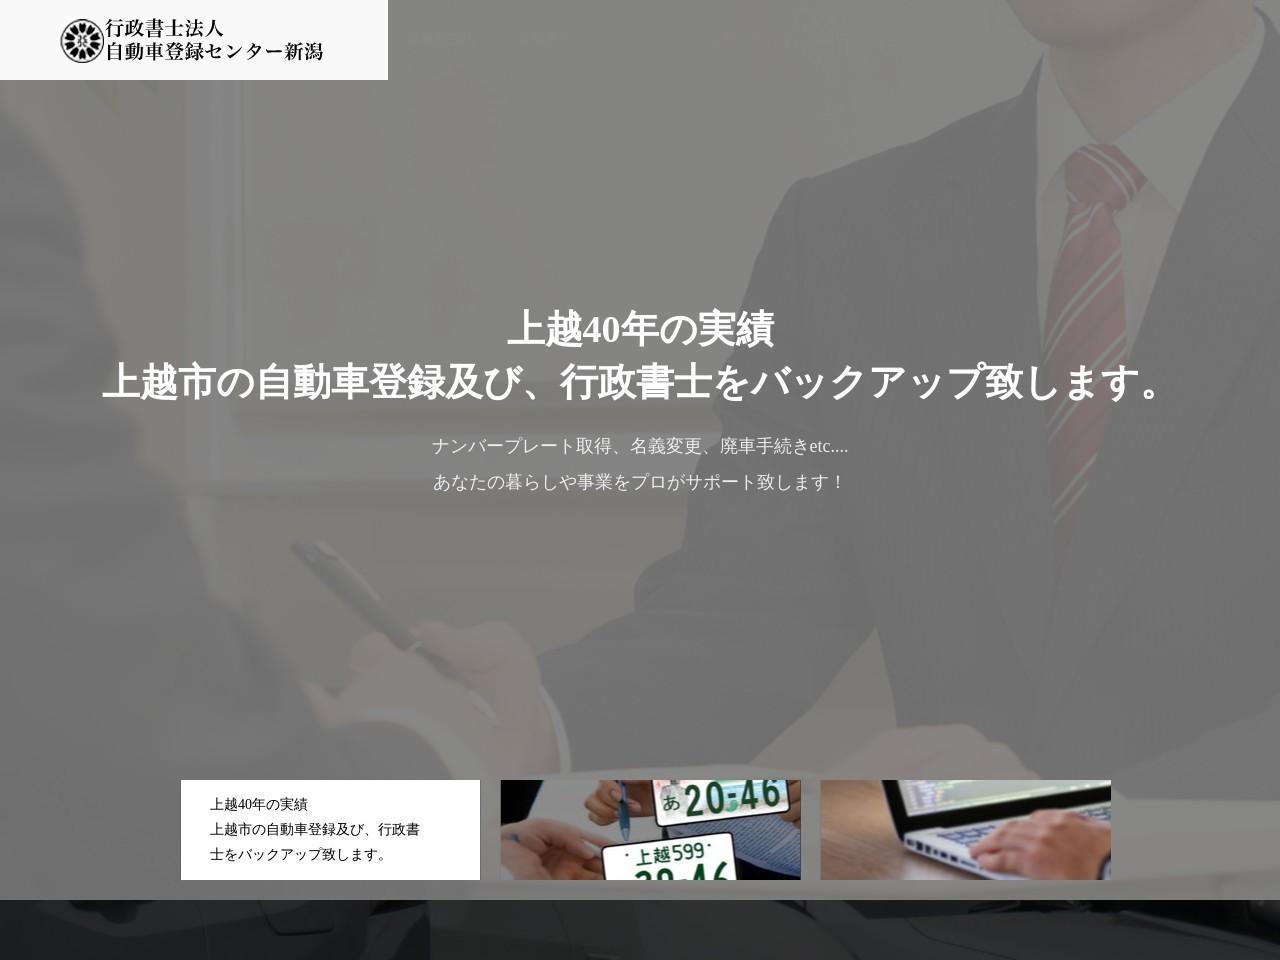 自動車登録センター新潟(行政書士法人)